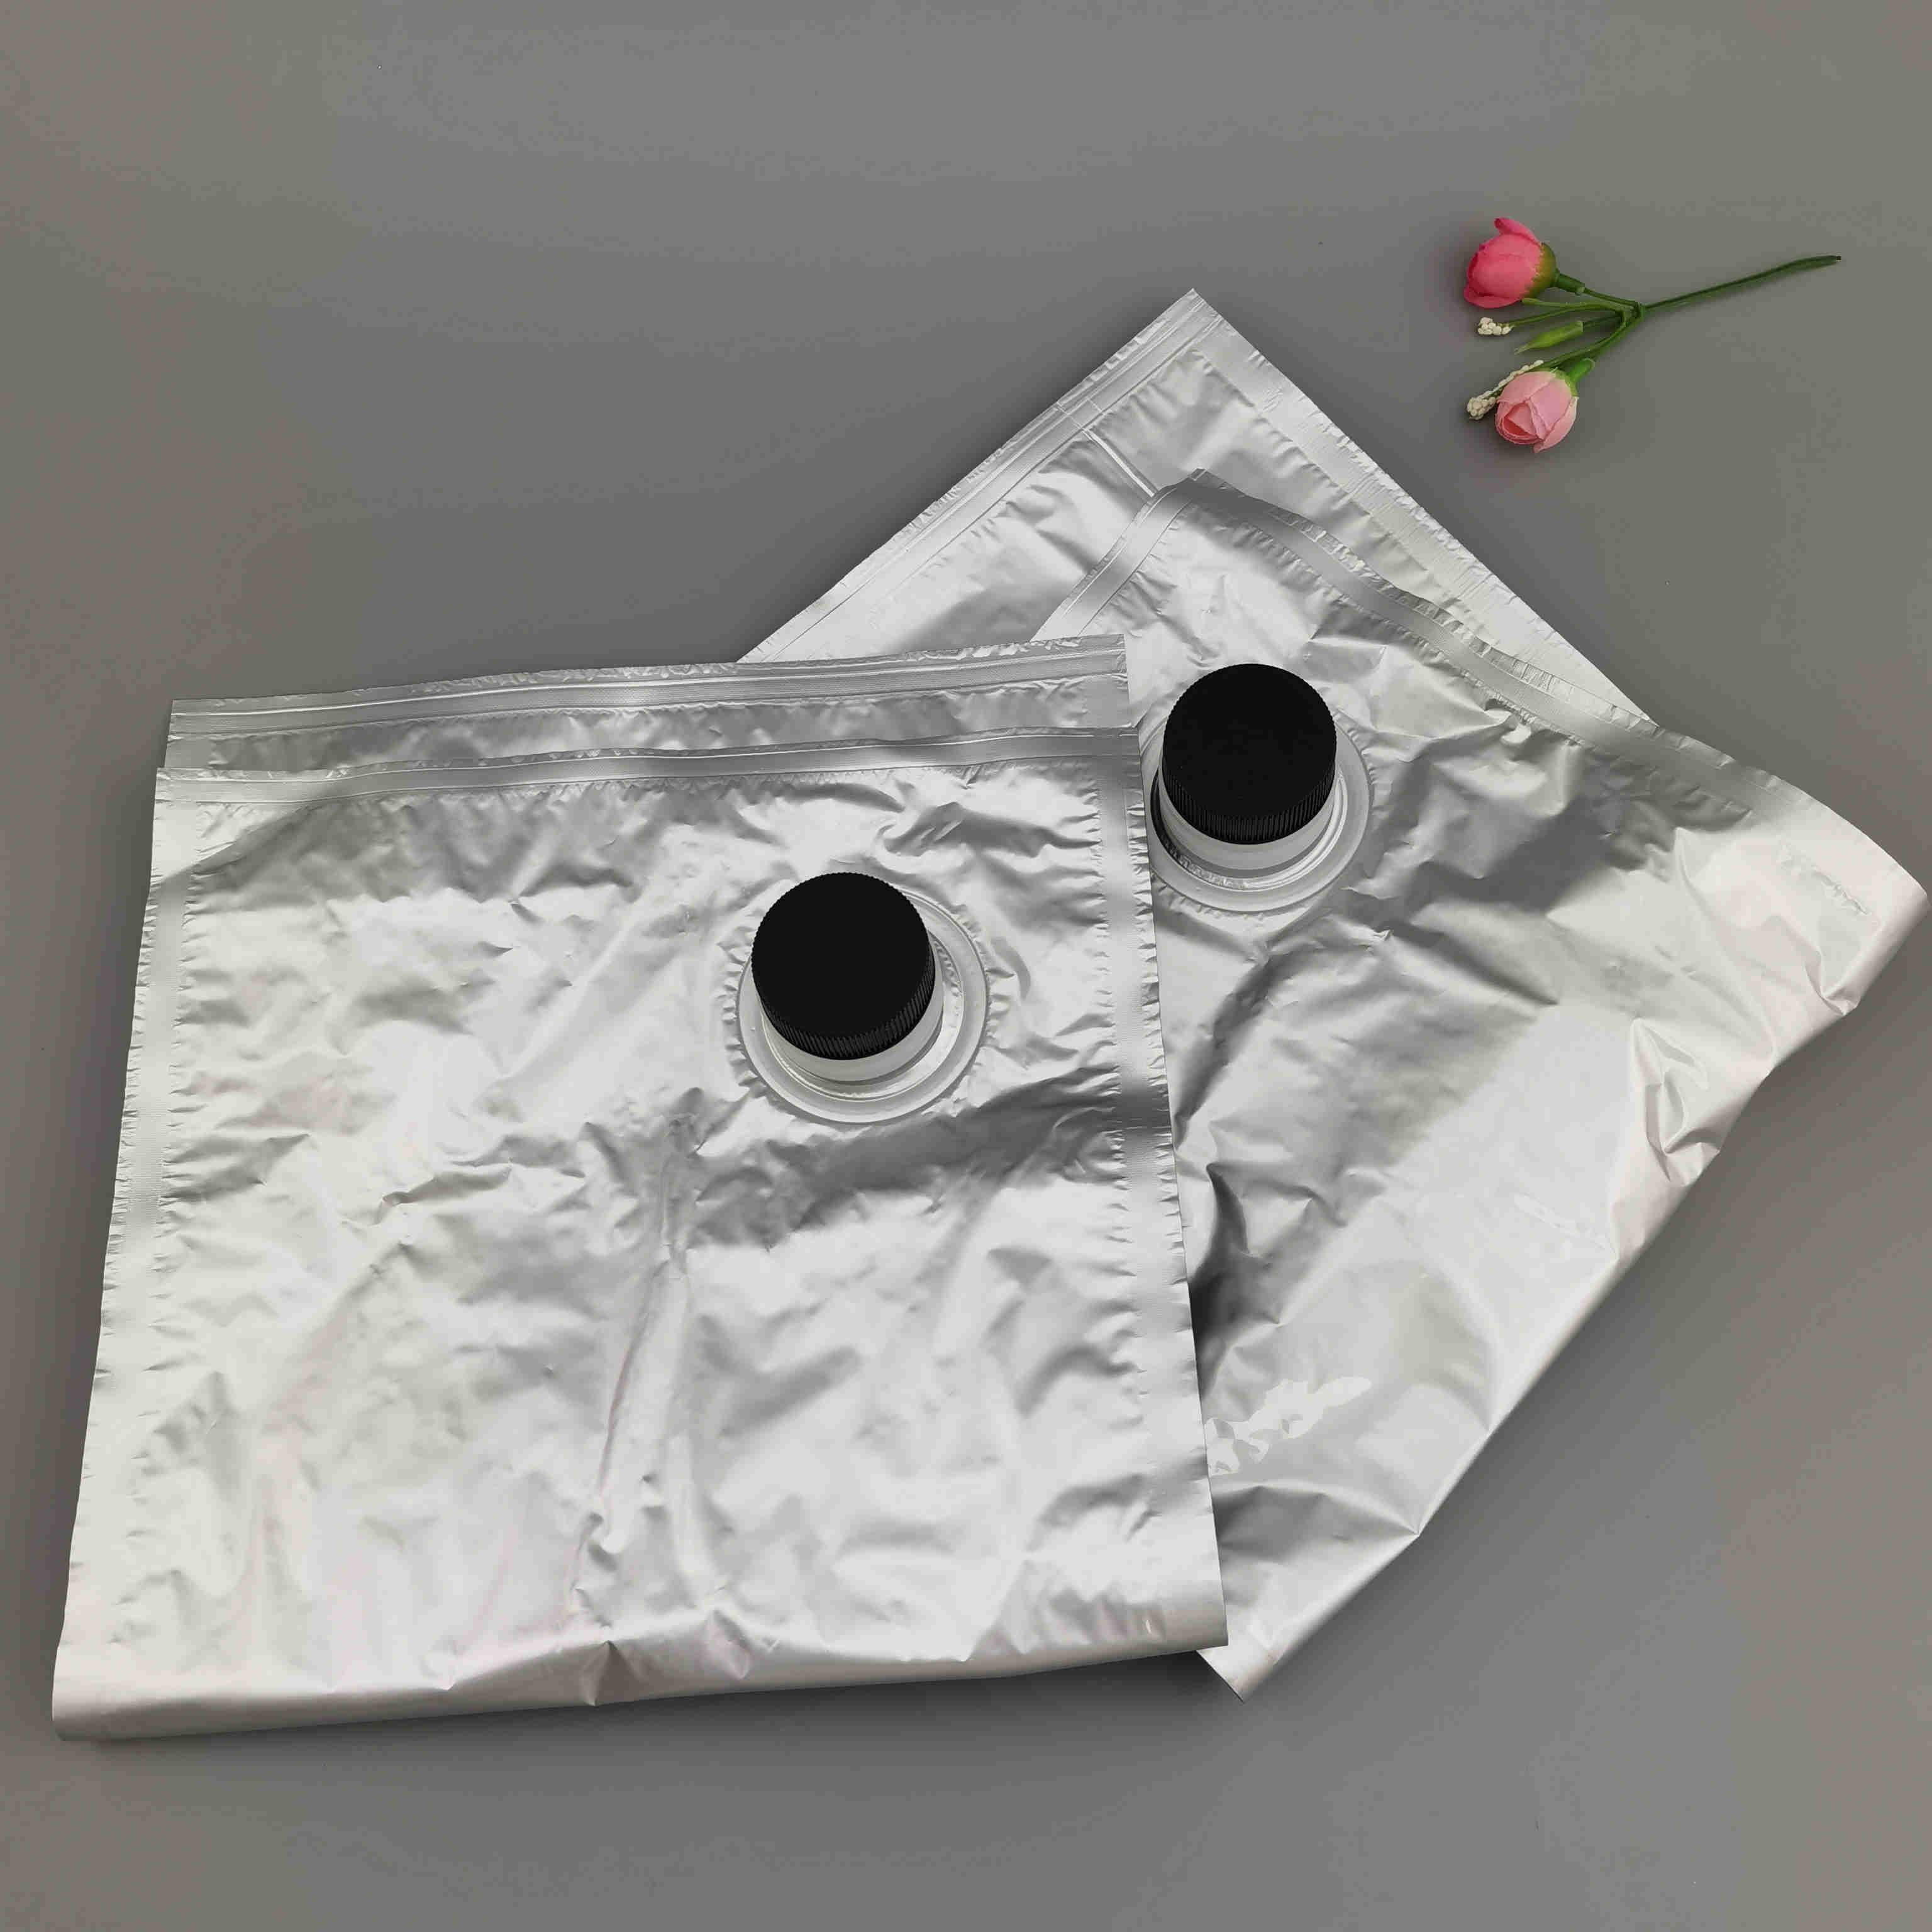 供应BIB无菌镀铝盒中袋 3L饮用水袋装水蝴蝶阀水龙头包装袋定制